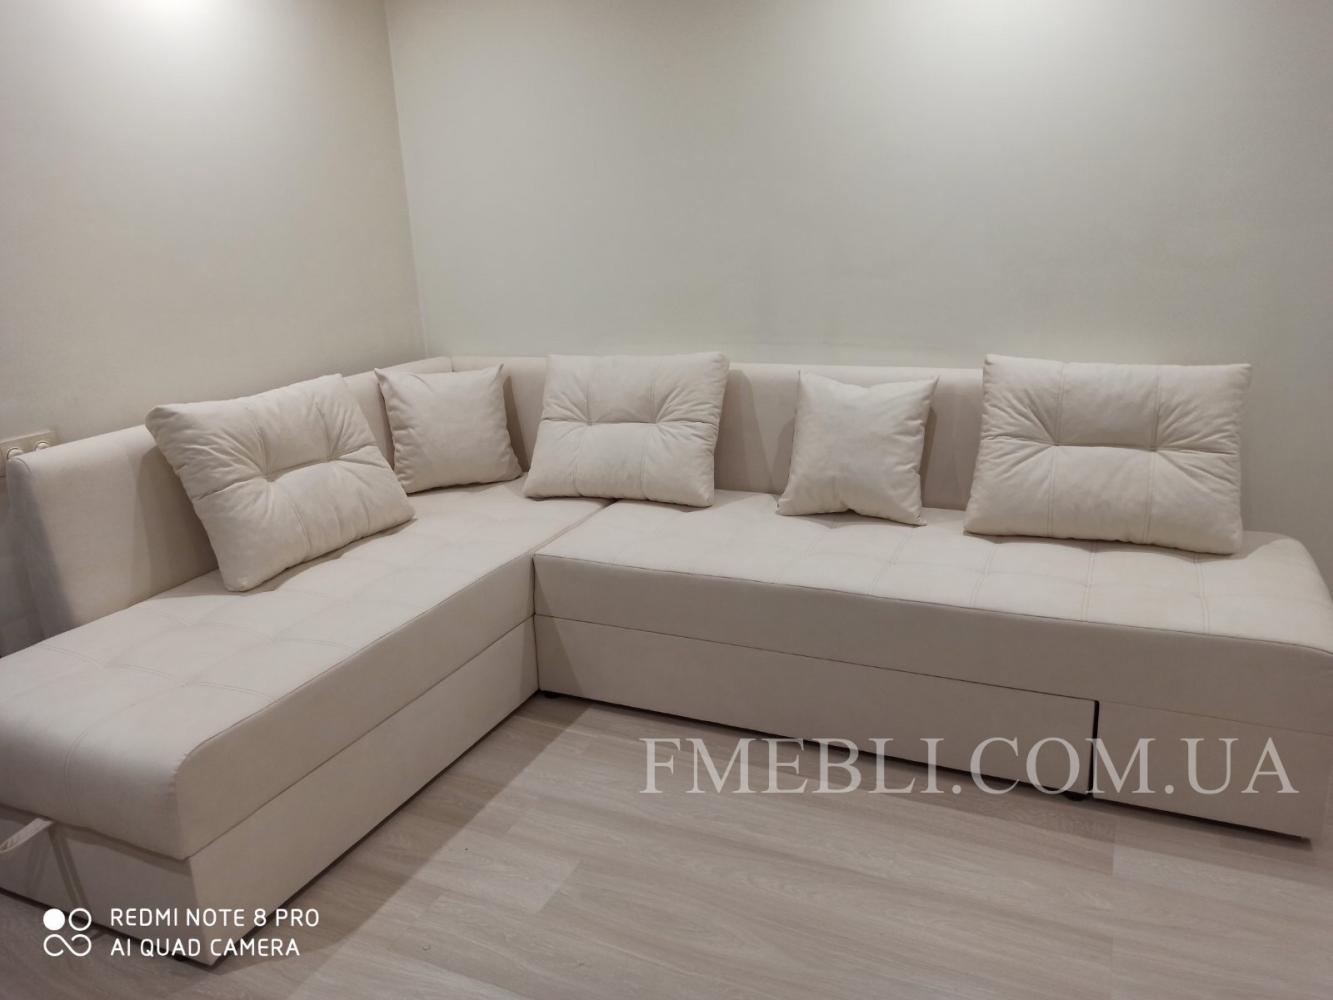 Кутовий диван Преміум + Відеоогляд 4